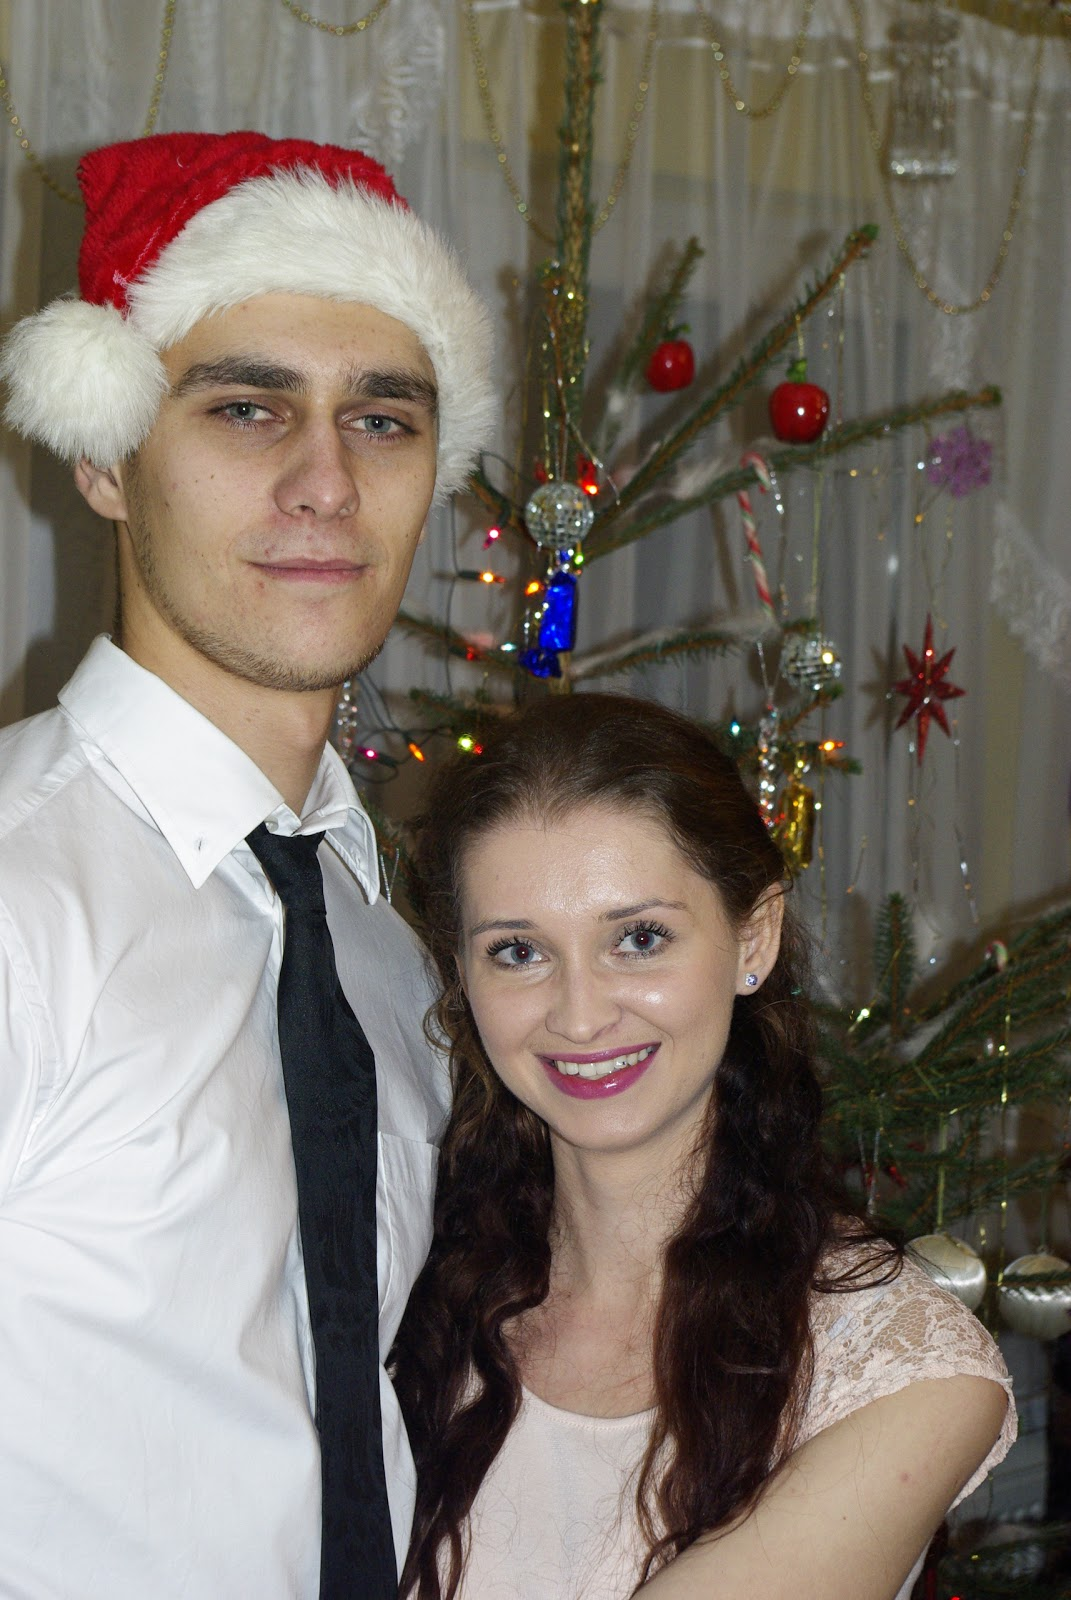 Święta Bożego Narodzenia - czas magii, miłości i radości.